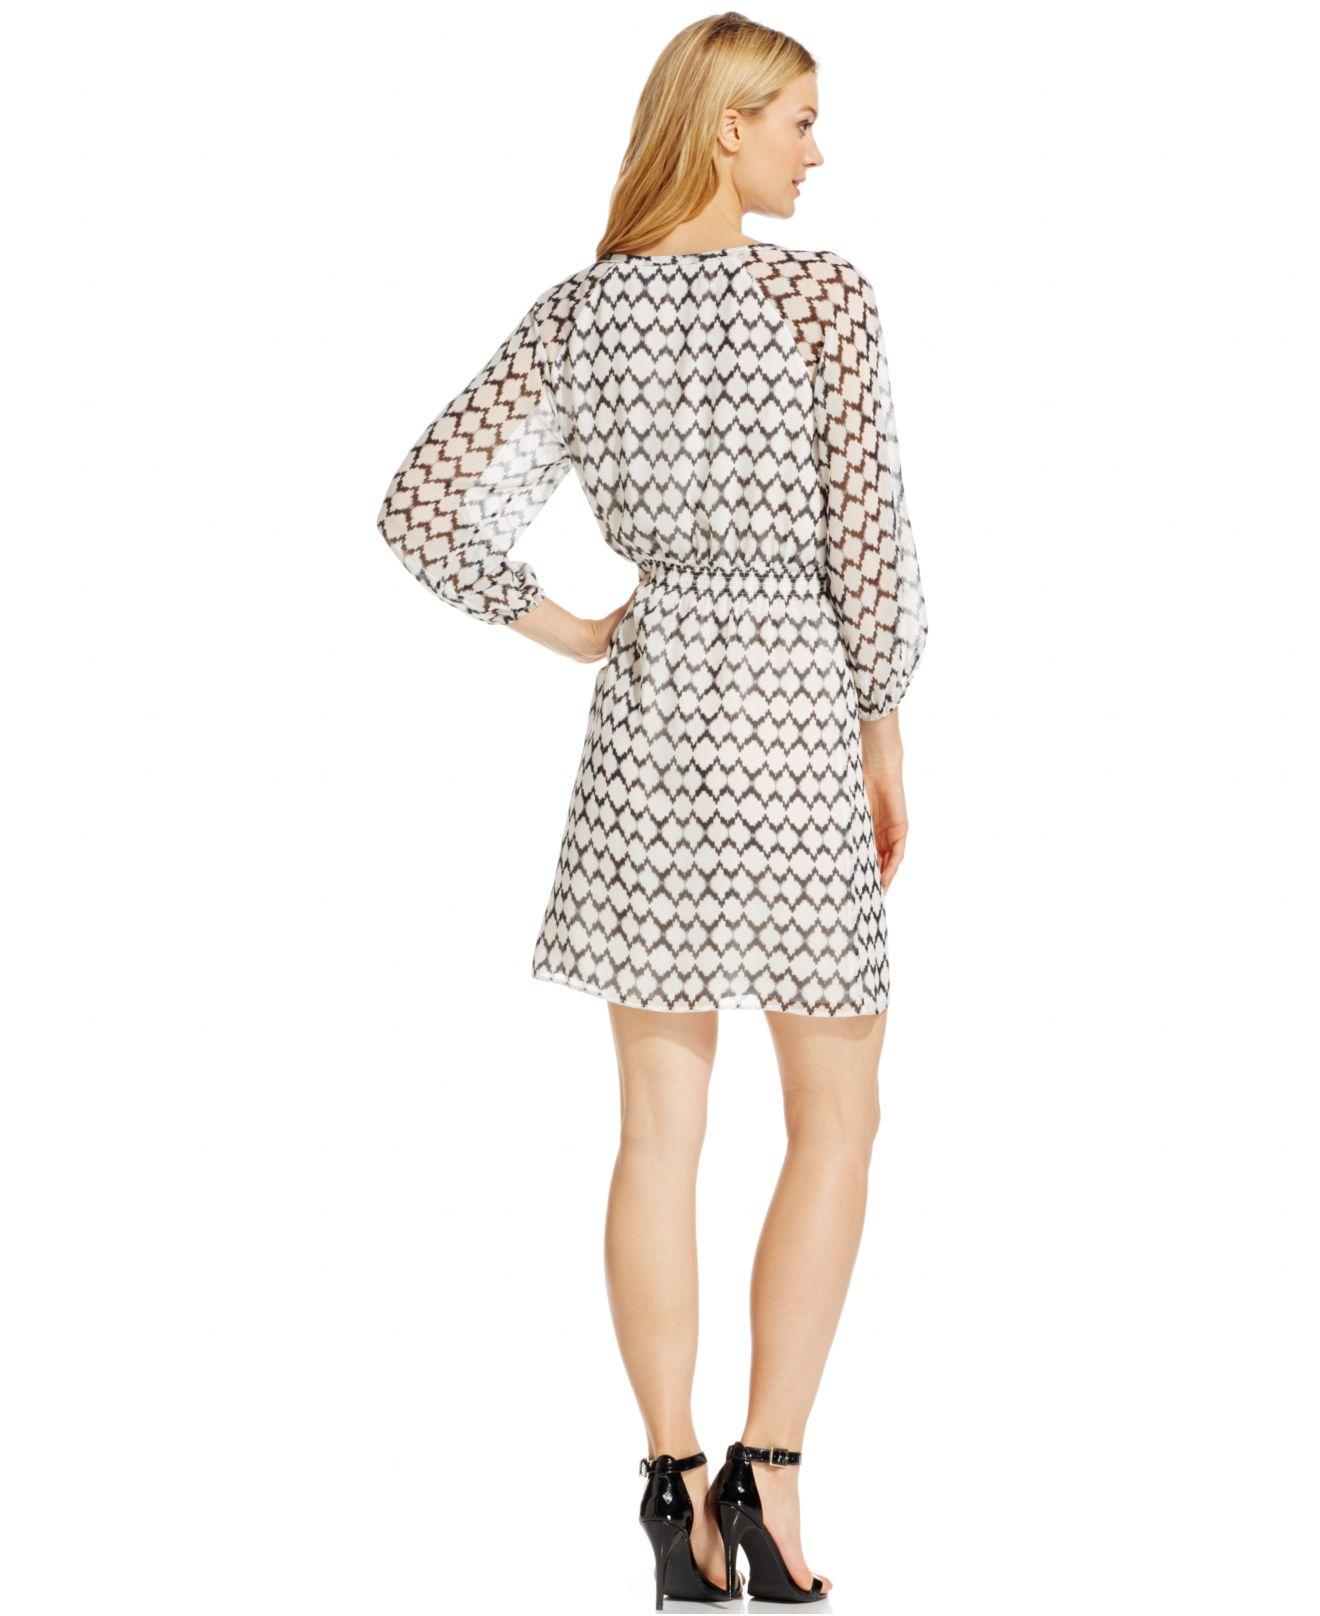 03d8798da36 Lyst - Ivanka Trump Chiffon Ikat-Print Blouson Dress in Black